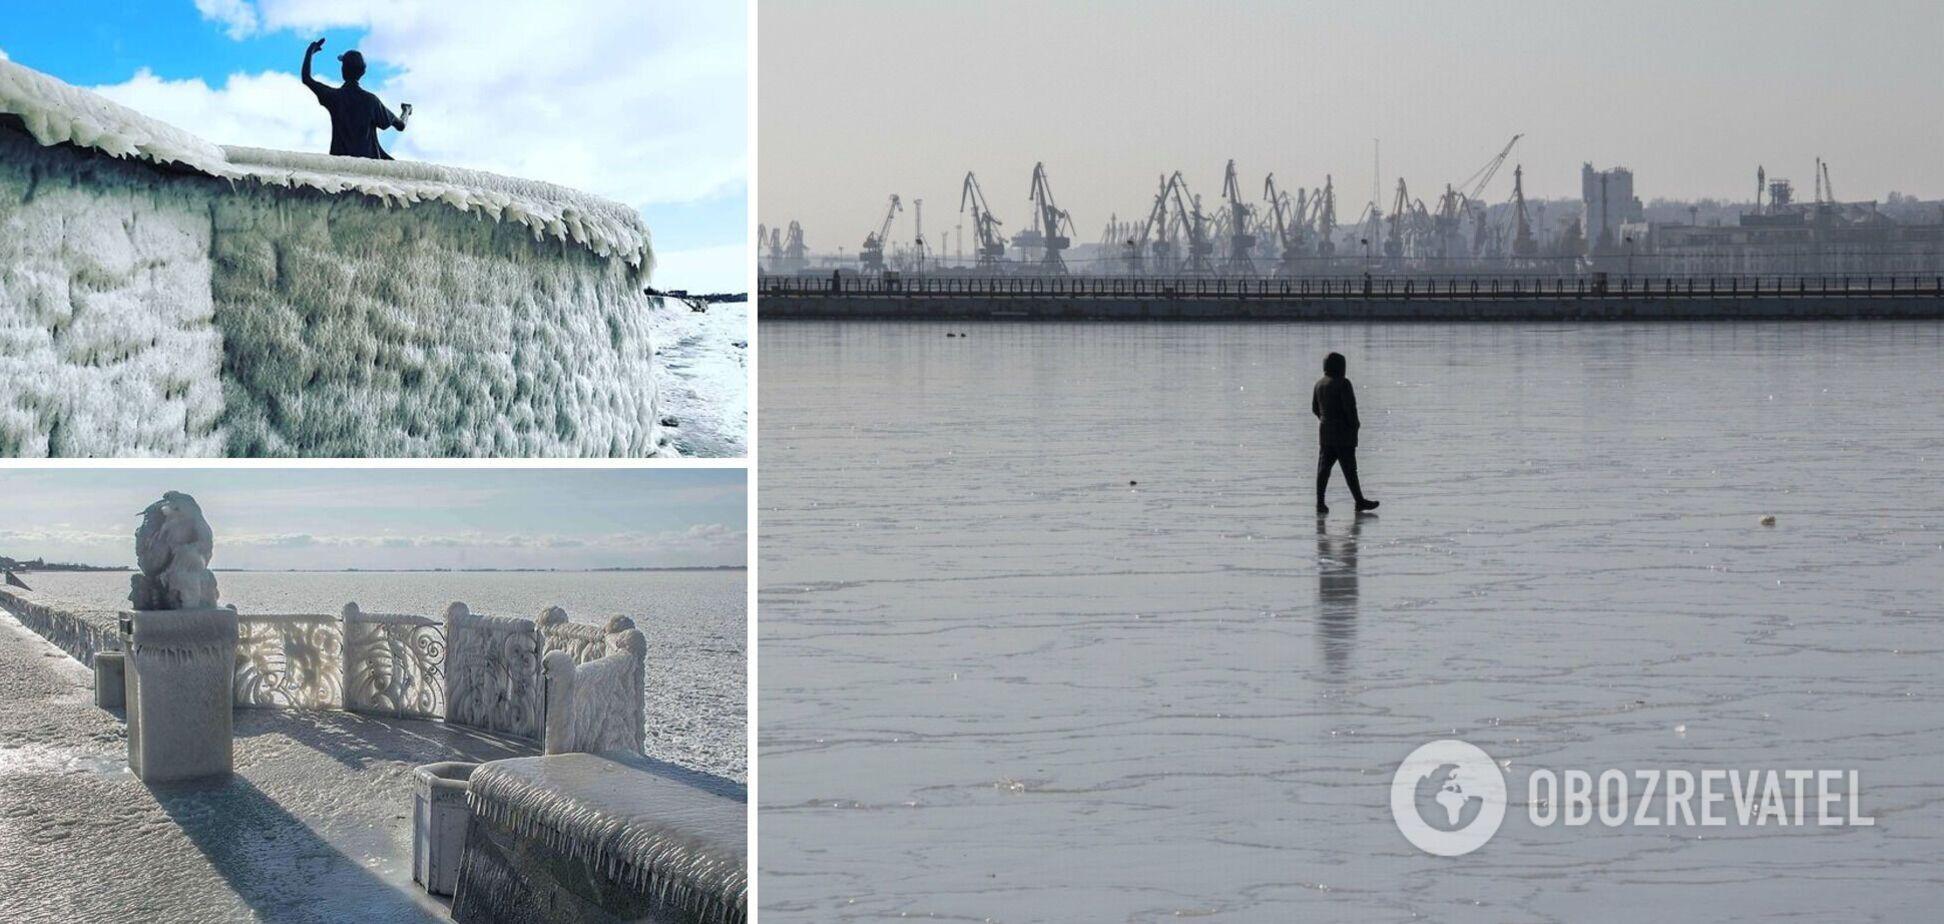 Азовское море покрылось льдом: появились яркие фото из Бердянска и Мариуполя